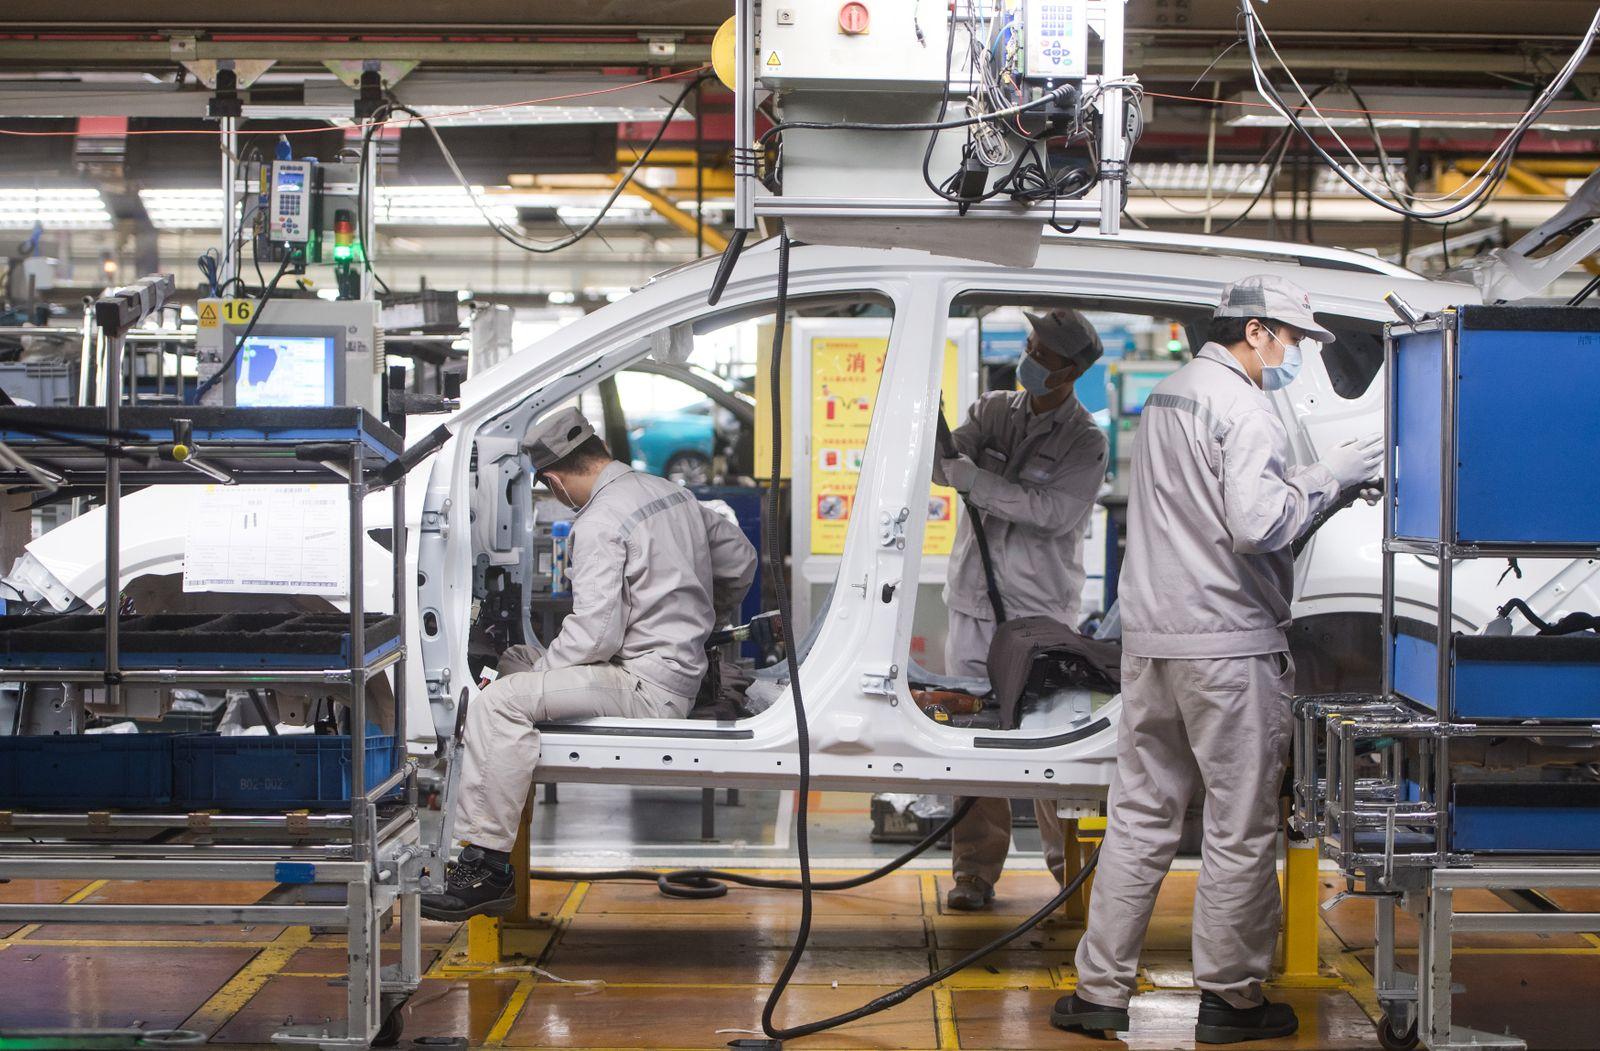 Wiederaufnahme der Produktion: Die Dongfeng Motor Corporation im Covid-19-Epizentrum Wuhan nimmt ihre Arbeit wieder auf